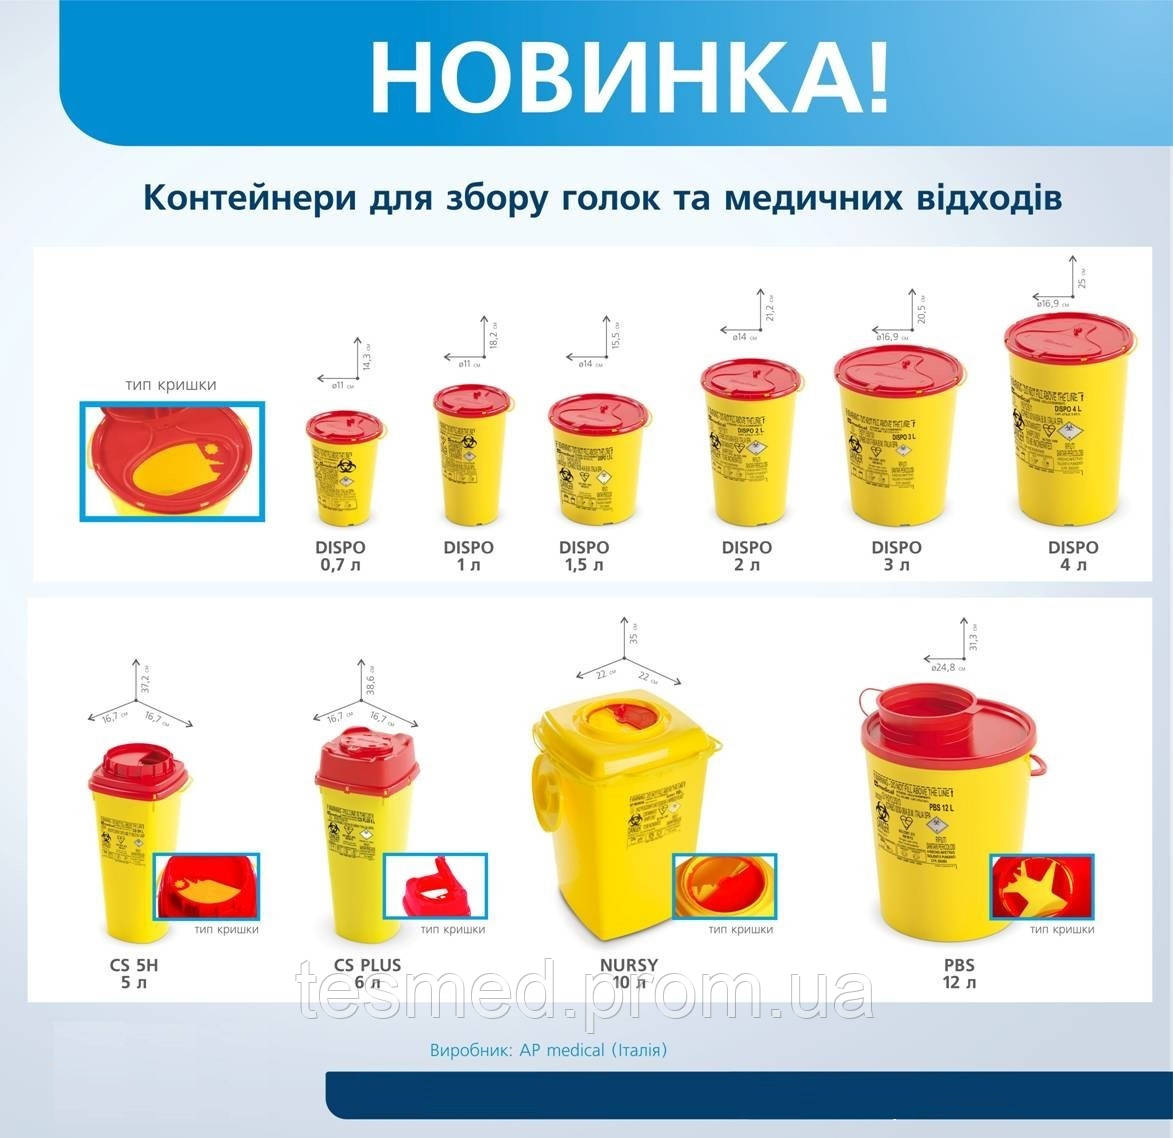 Контейнеры для медицинских отходов - интернет-магазин ТЕСМЕД в Харькове